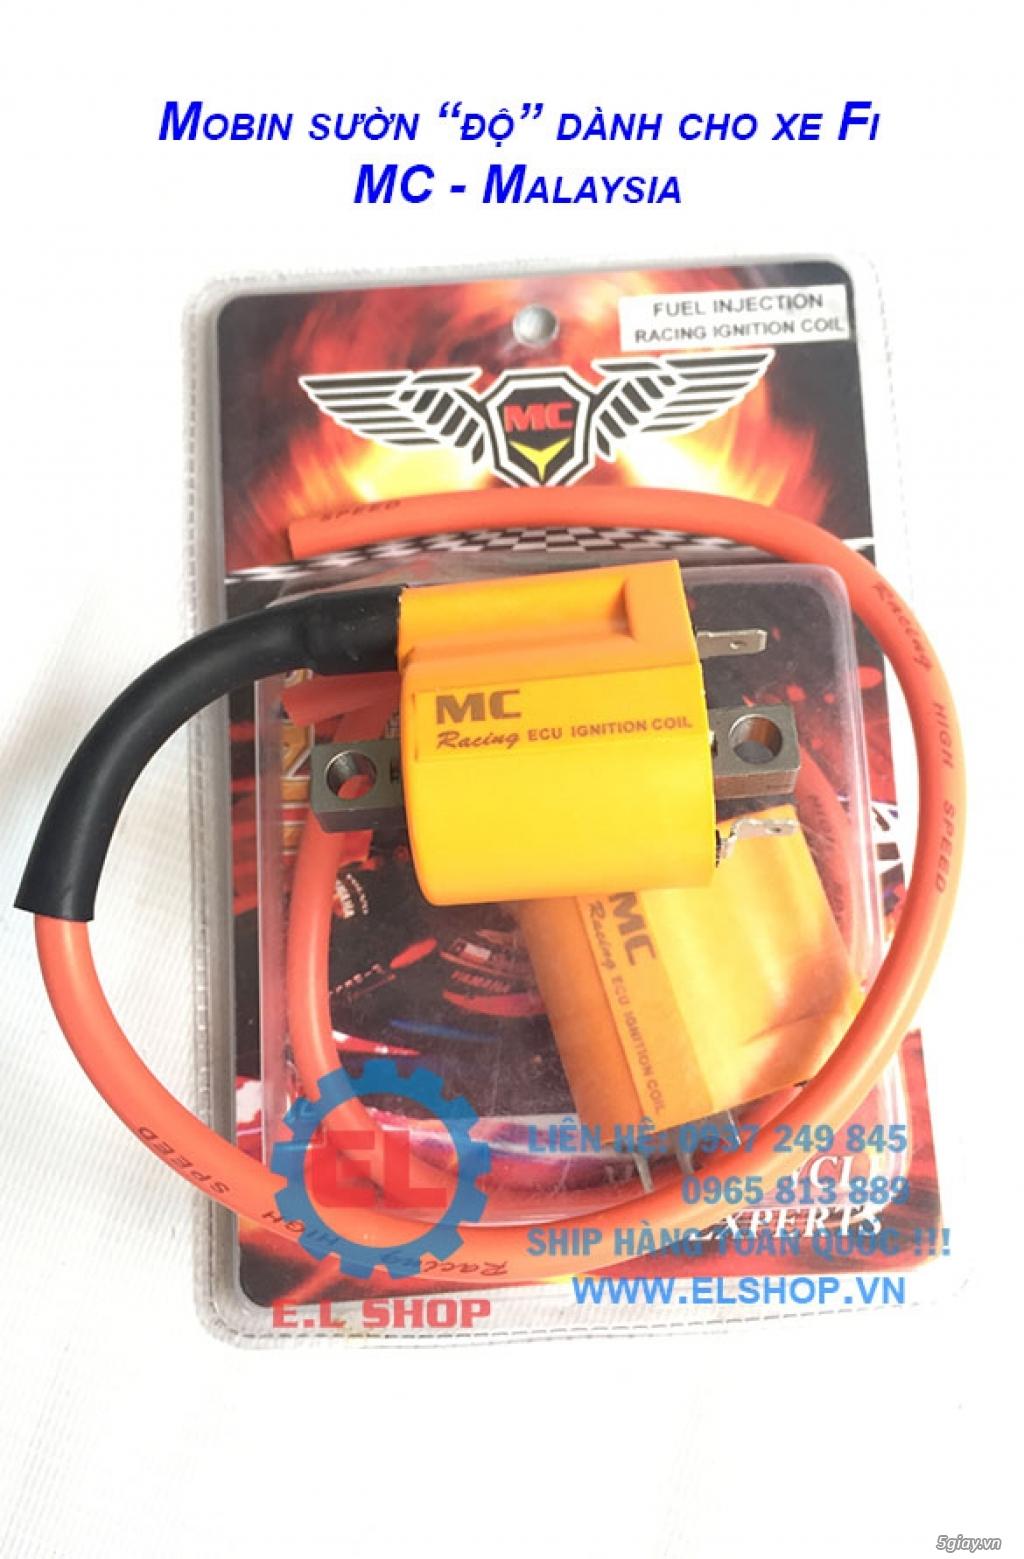 Phụ Tùng độ dàn lửa xe gắn máy: Mobin sườn, dây tăng áp, IC độ - mở giới hạn vòng tua - 7